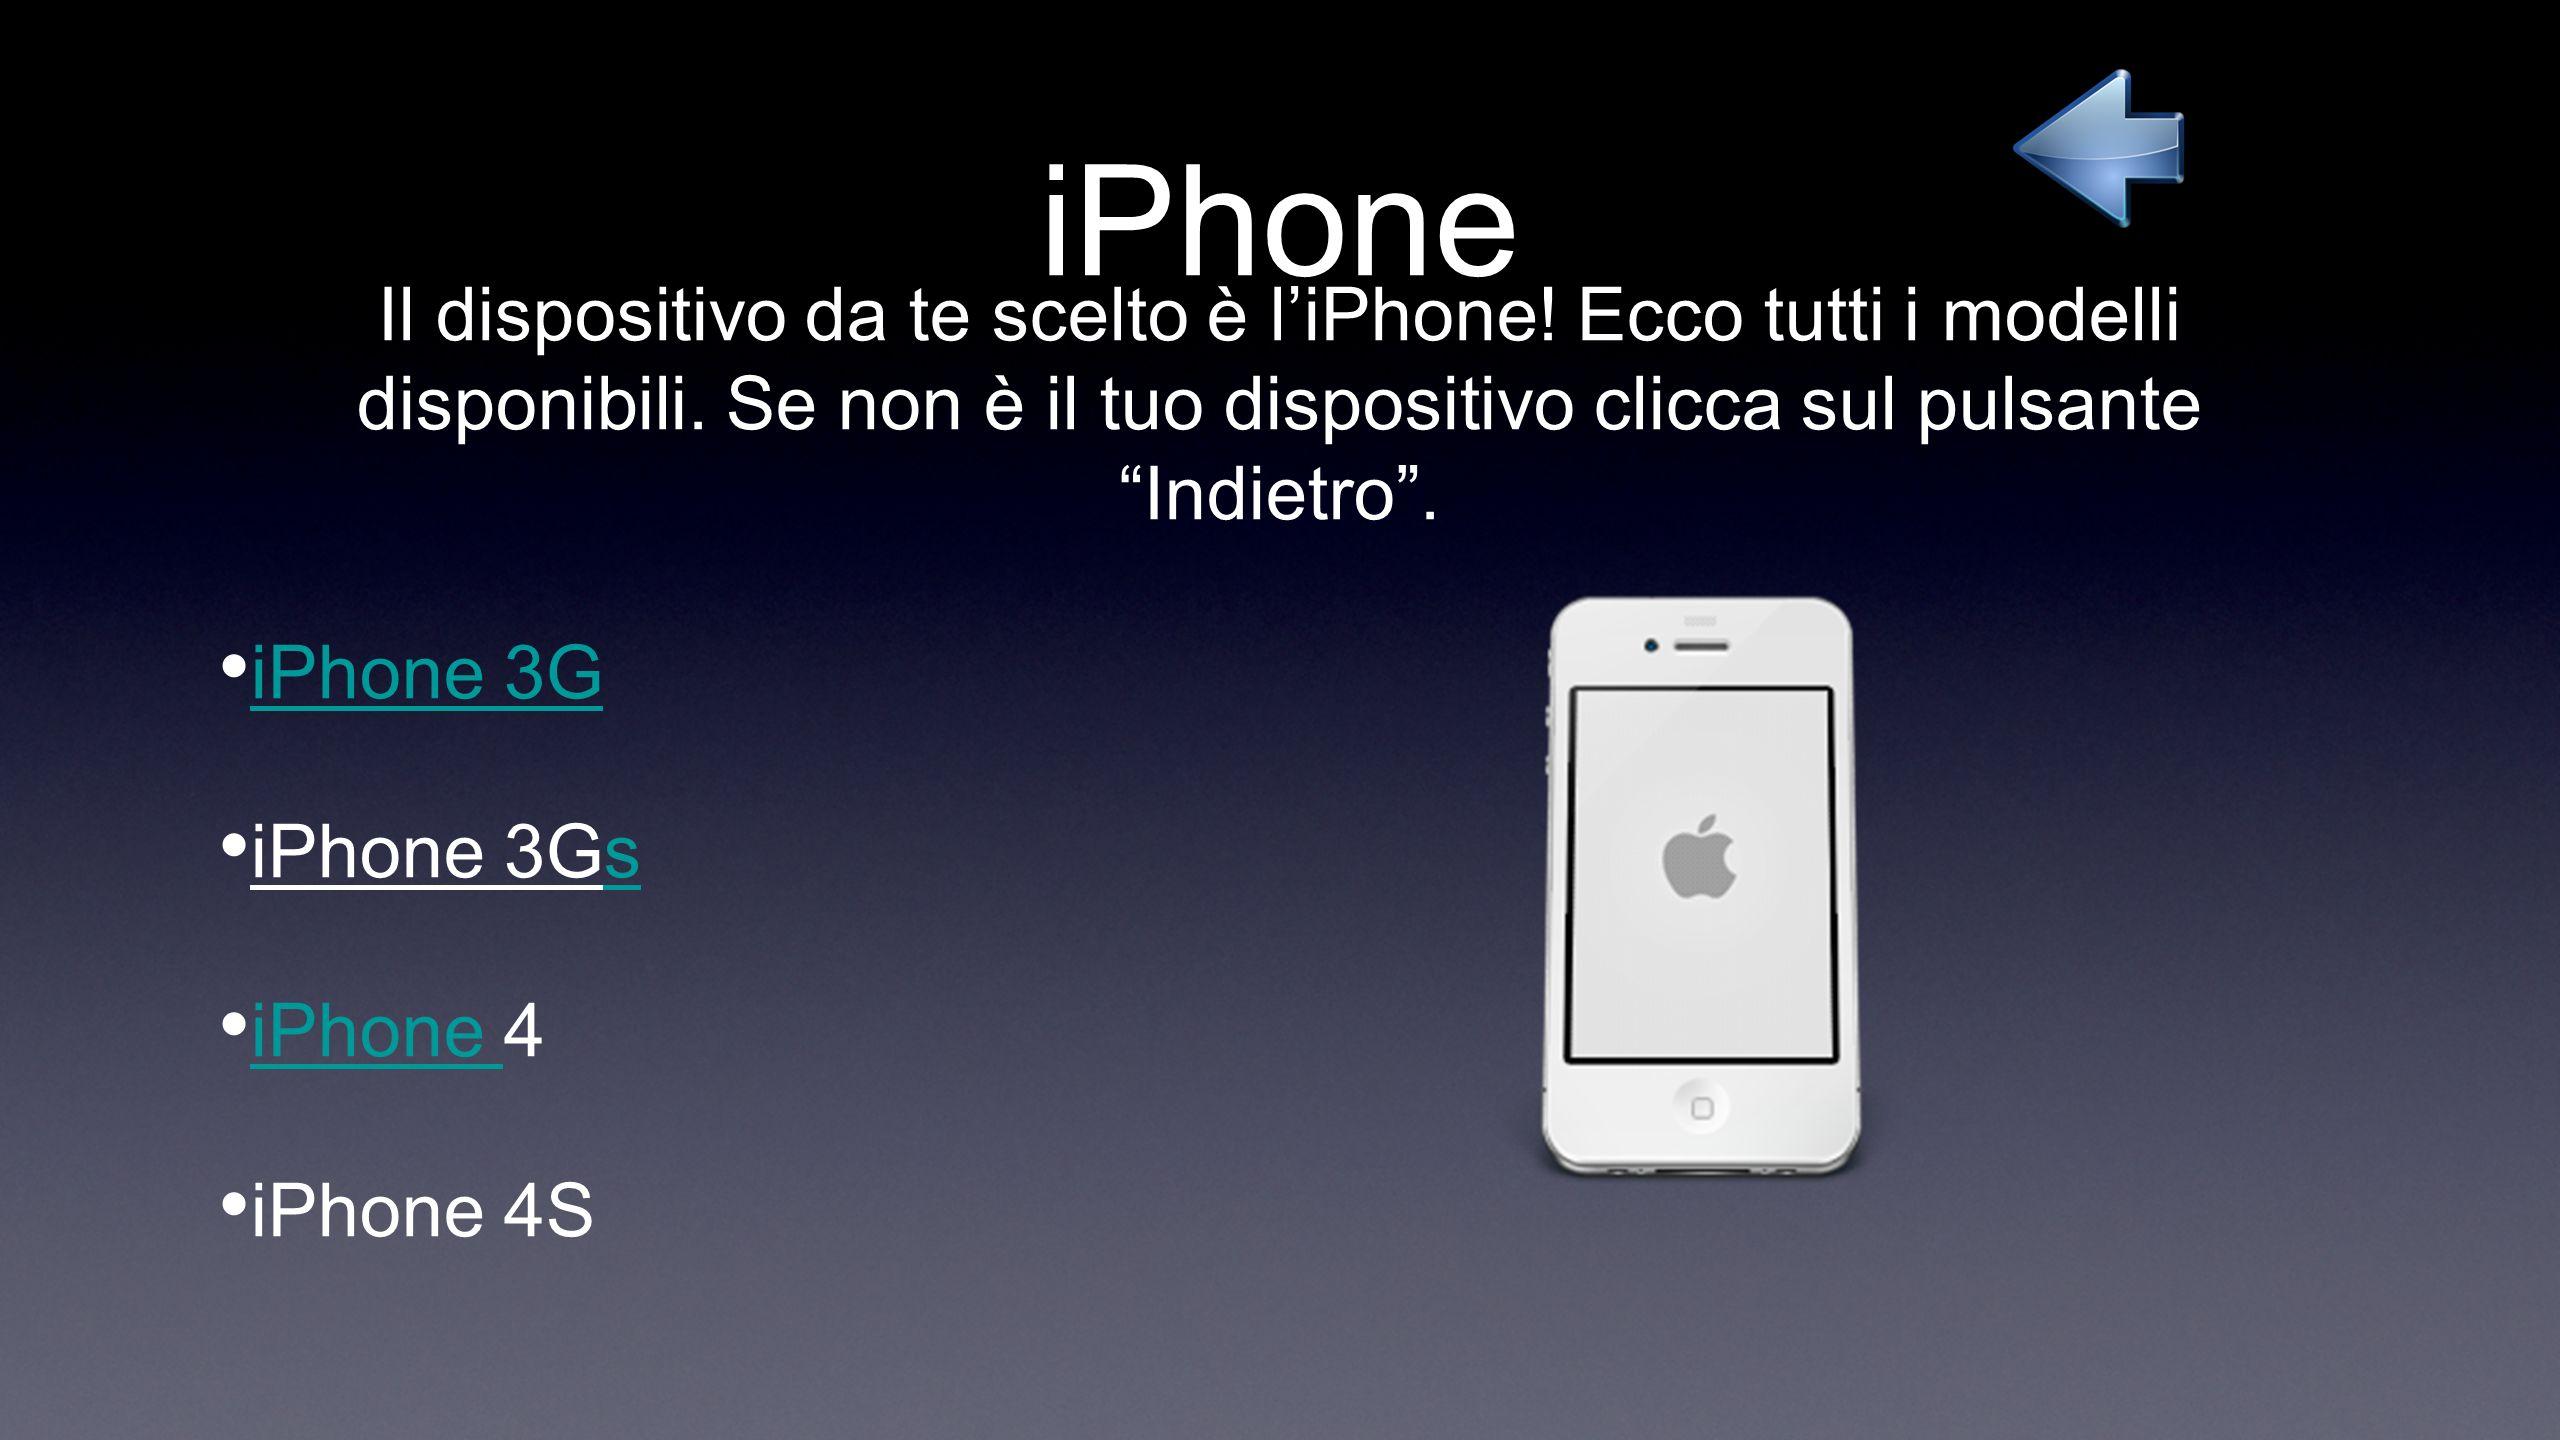 iPhone Il dispositivo da te scelto è liPhone. Ecco tutti i modelli disponibili.